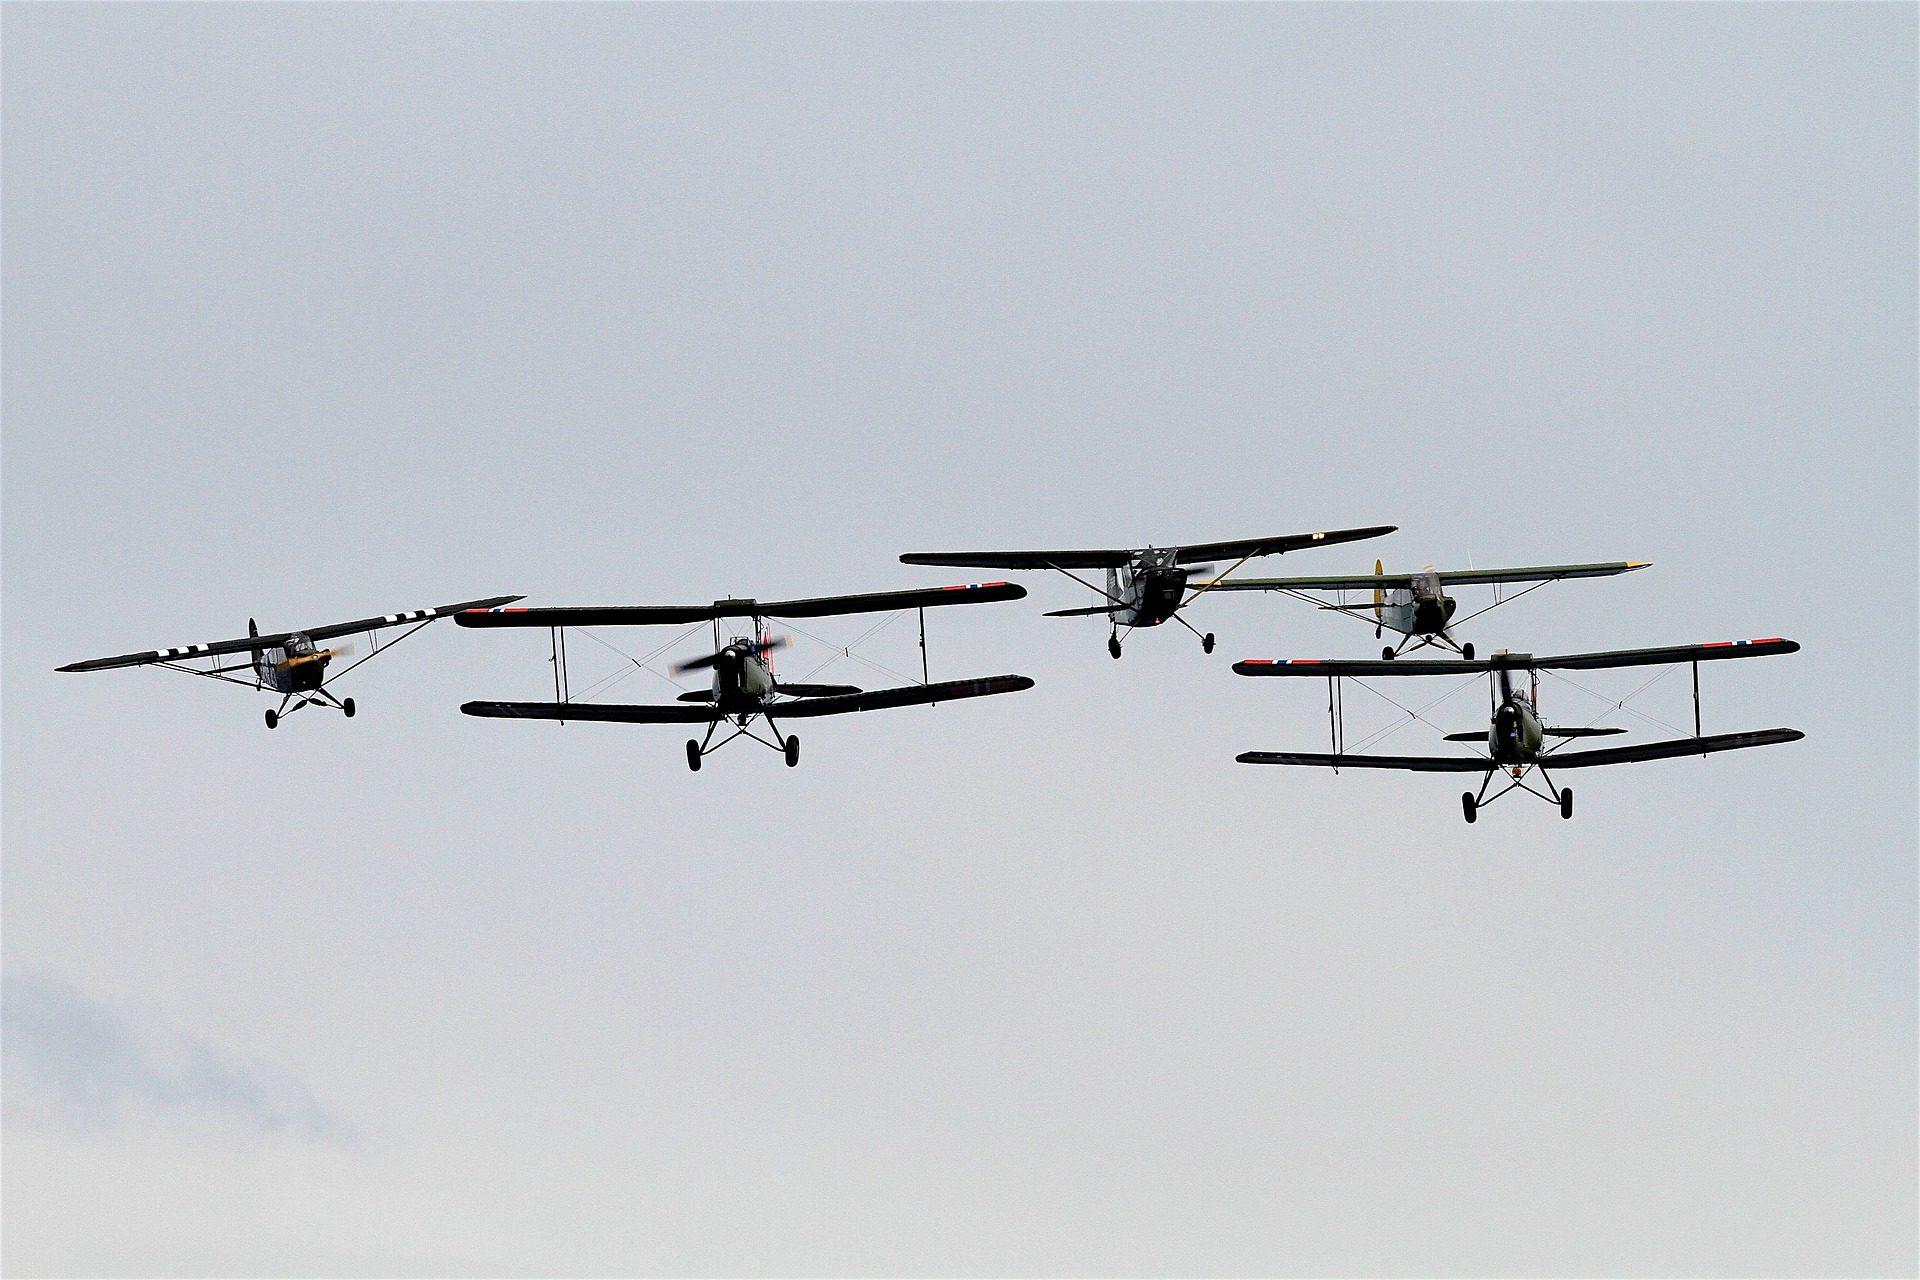 avion, avions légers, afficher, formation, lutte contre la - Fonds d'écran HD - Professor-falken.com